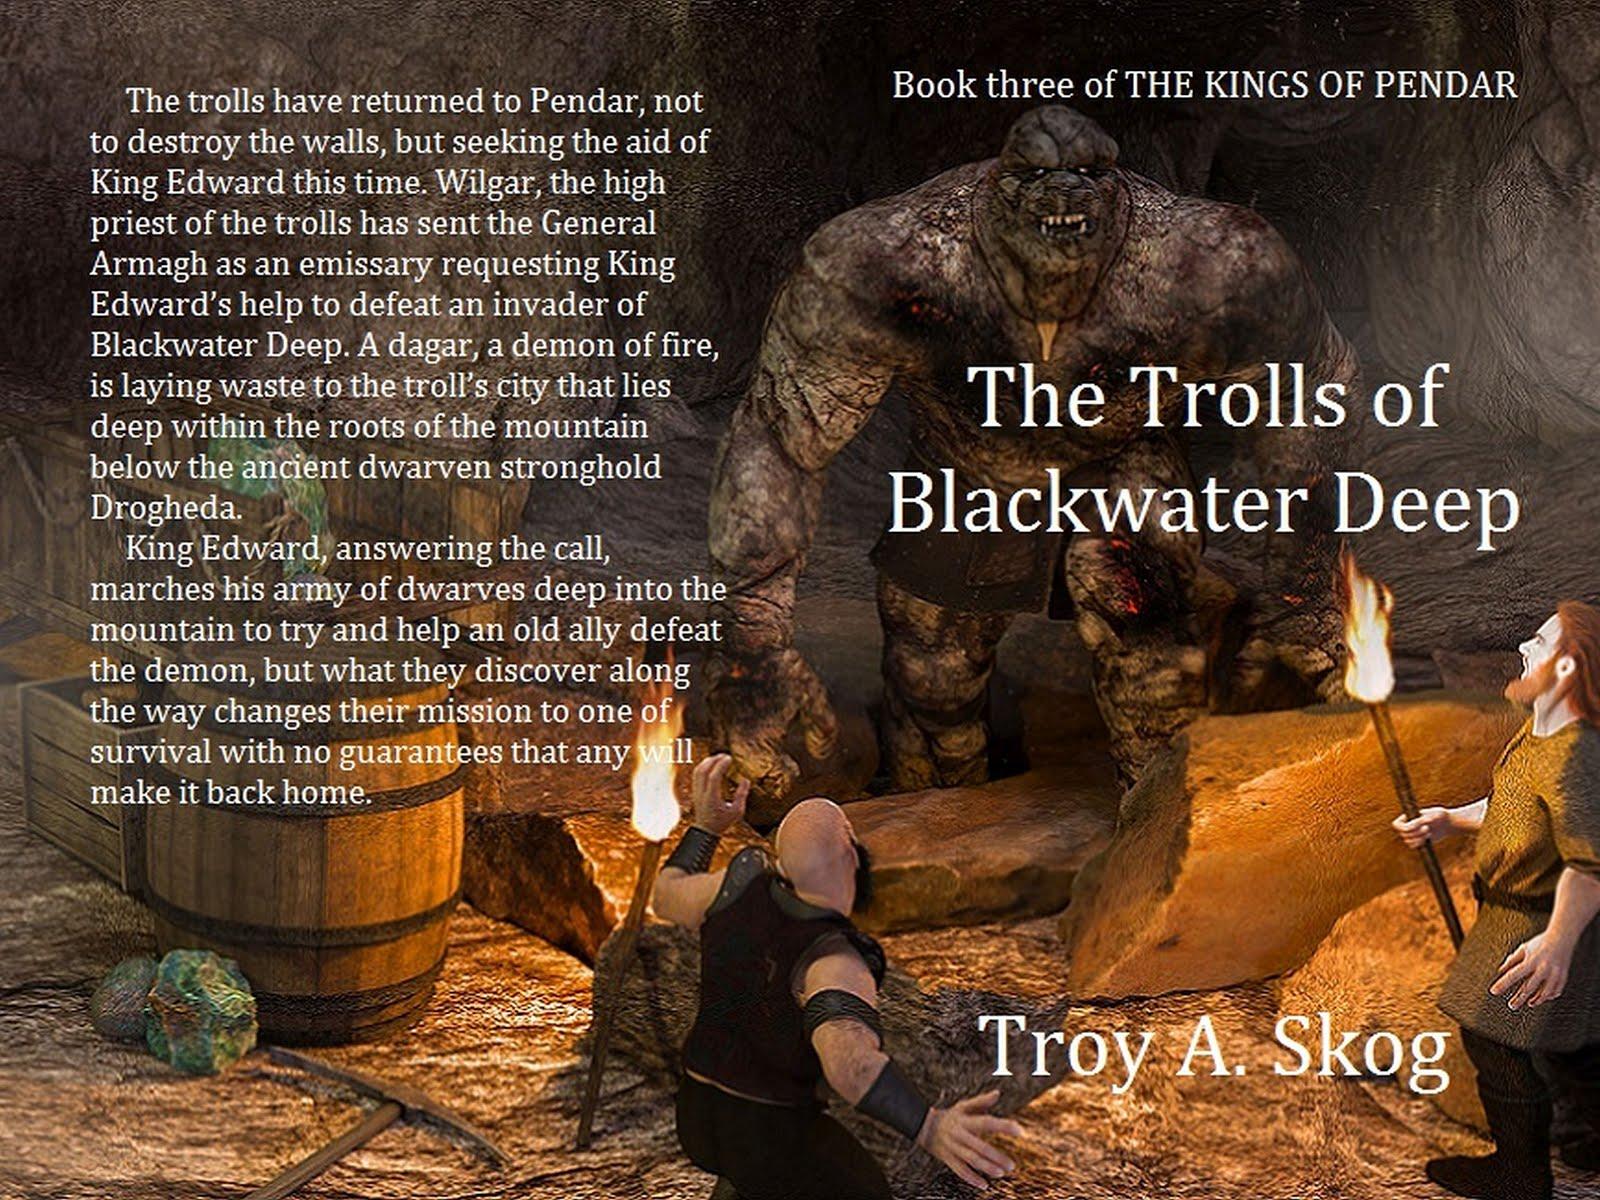 Trolls in Paperback